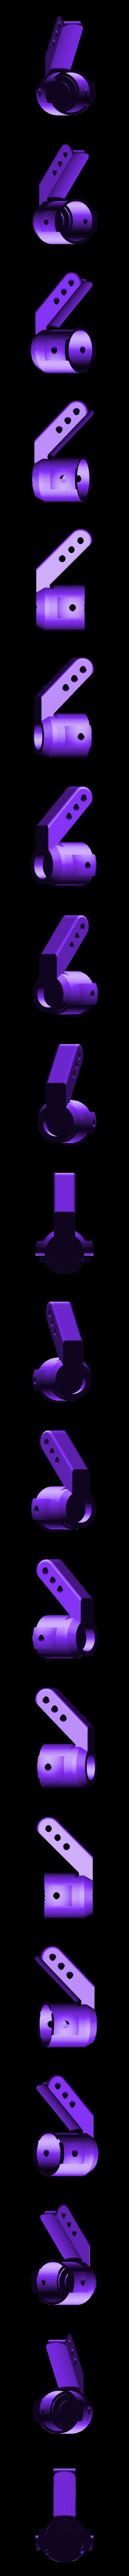 MRCC_OBTS_SUS_FSBLOCK_TYPEC_ONROAD.stl Download STL file MyRCCar 1/10 On-Road Build for Tesla Model S Body RC Car • 3D print object, dlb5